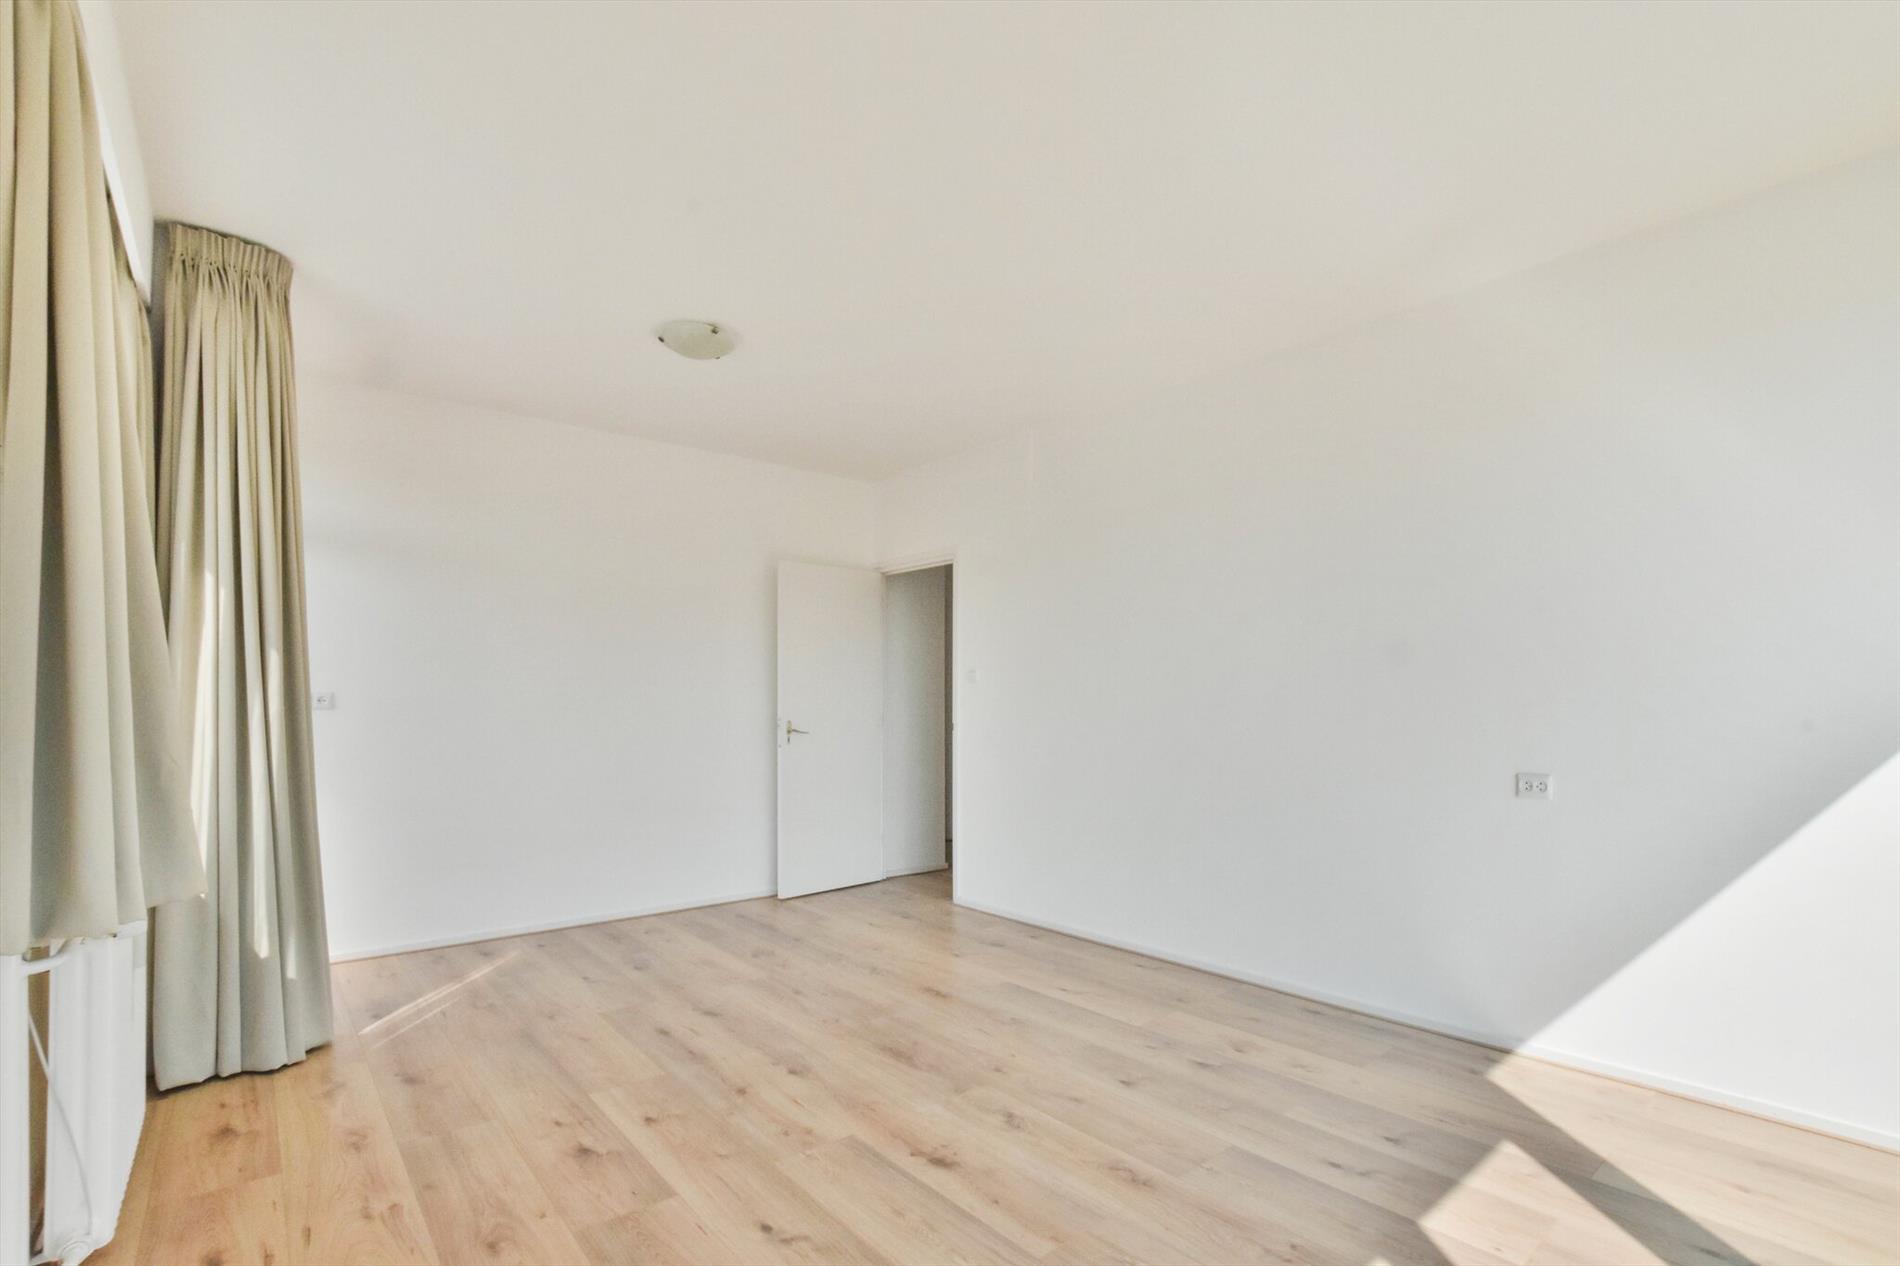 Te huur: Appartement Van Boshuizenstraat, Amsterdam - 2